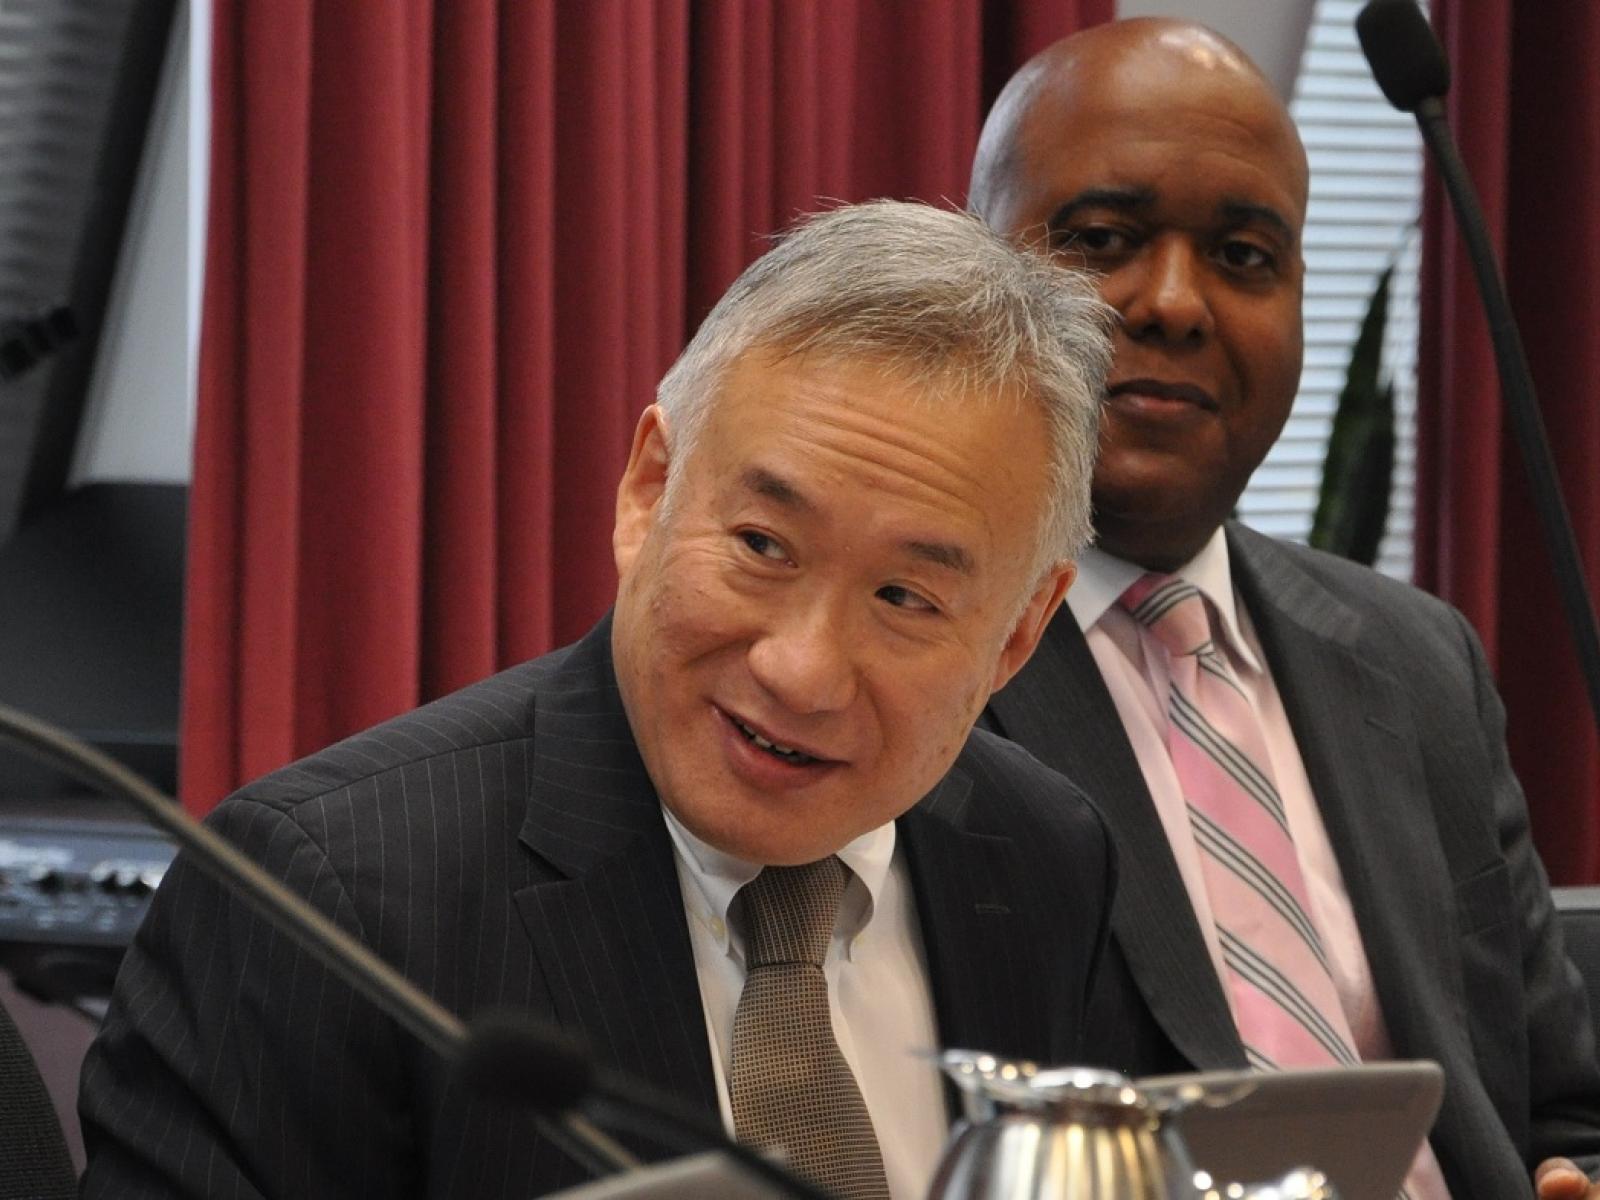 Former Board Chair Allen Lew